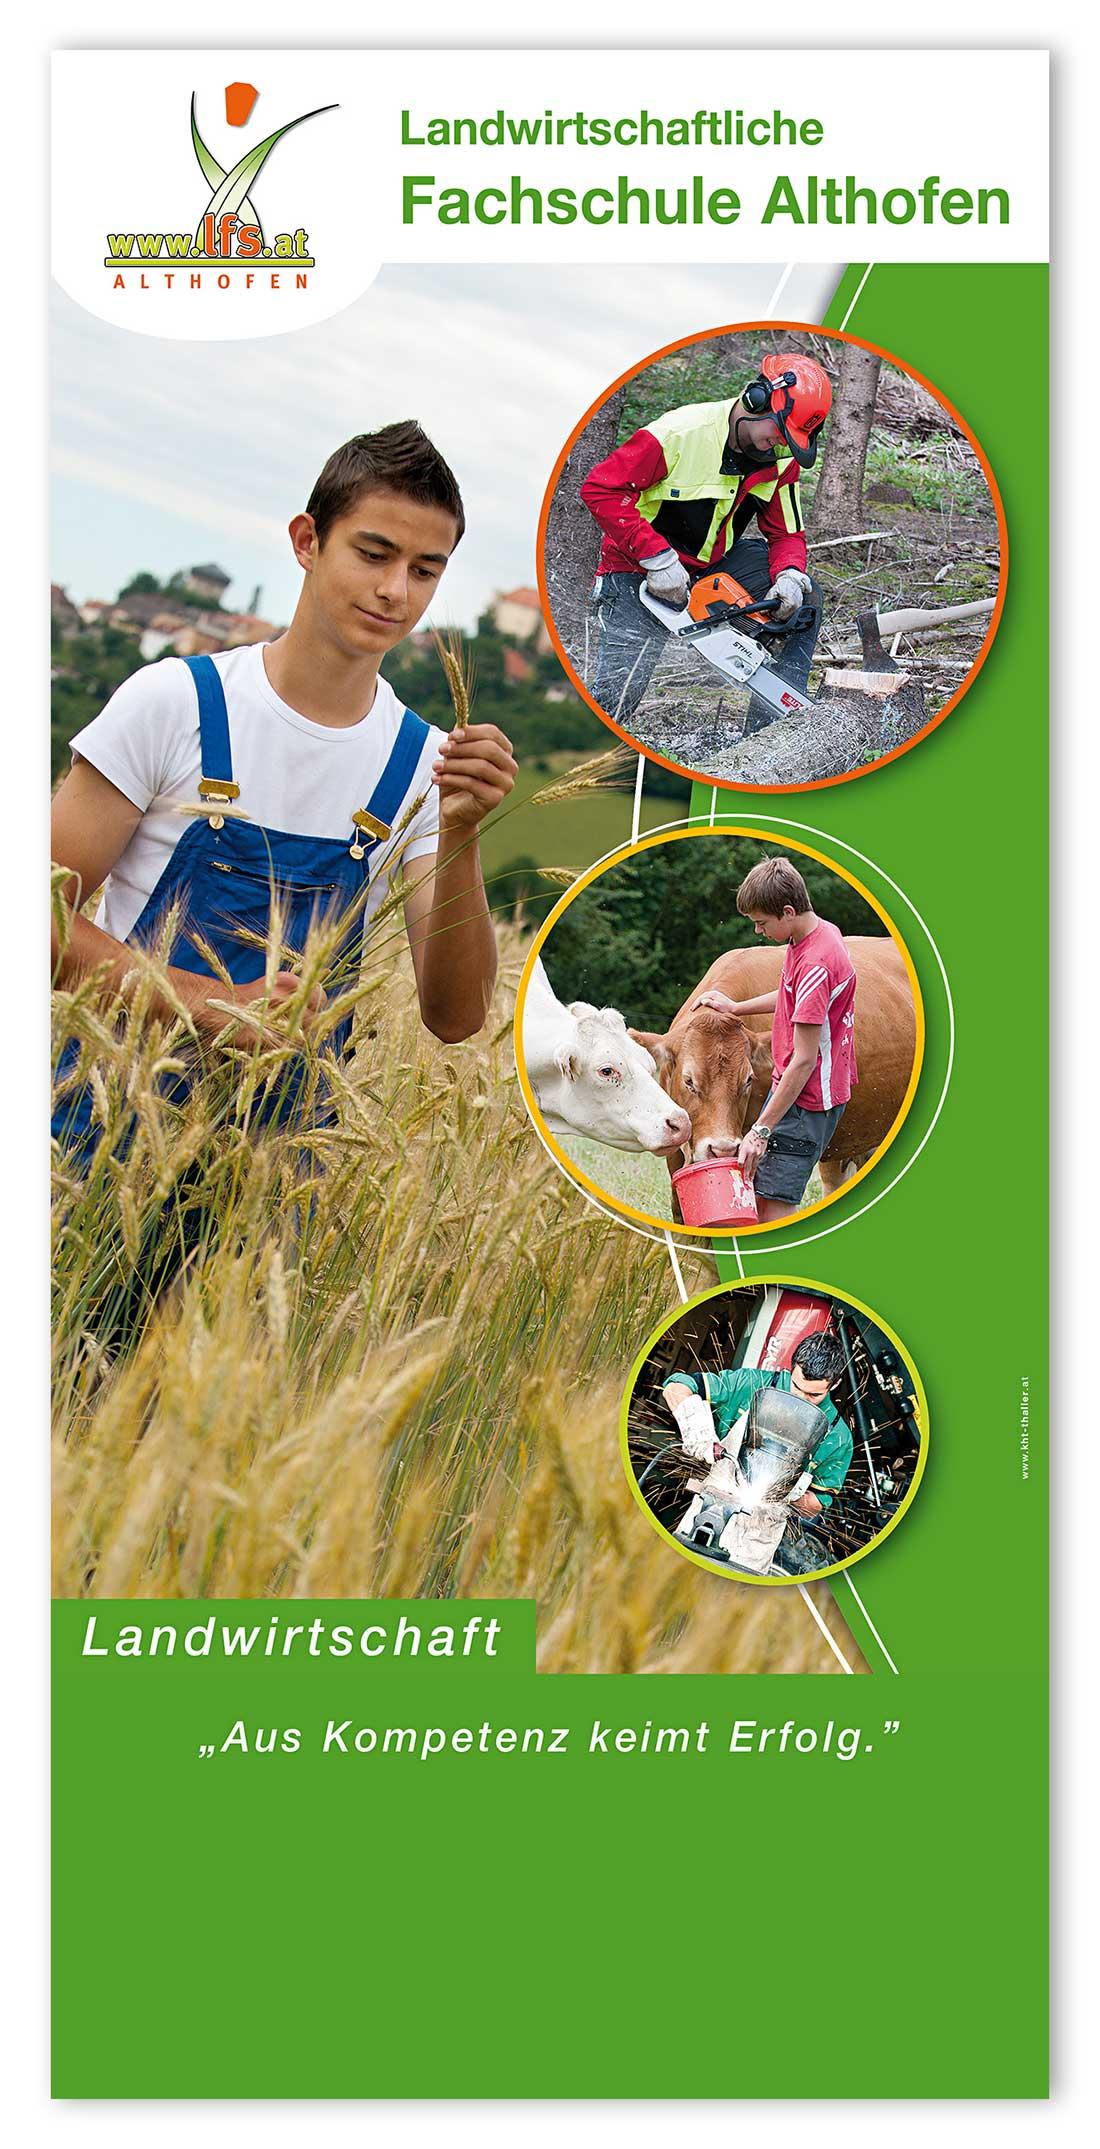 Drucksorten Landwirtschaftliche Fachschule Althofen